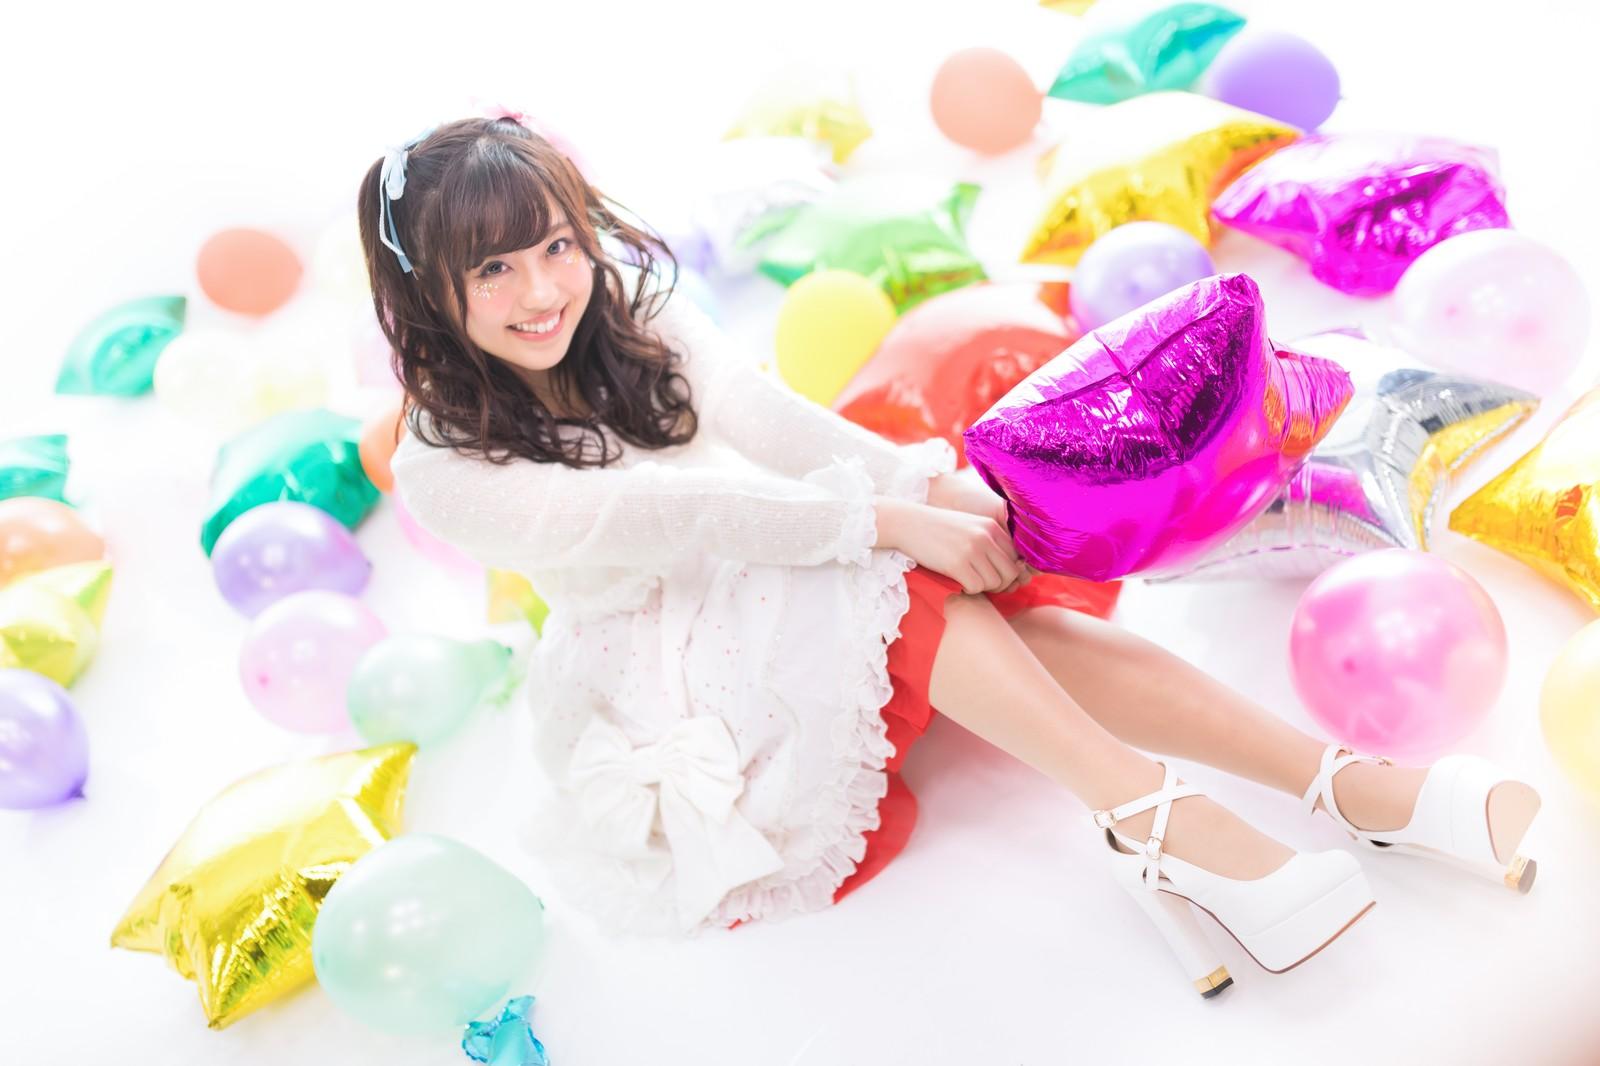 【ラジオドラマ短編シナリオ】シーソーゲーム